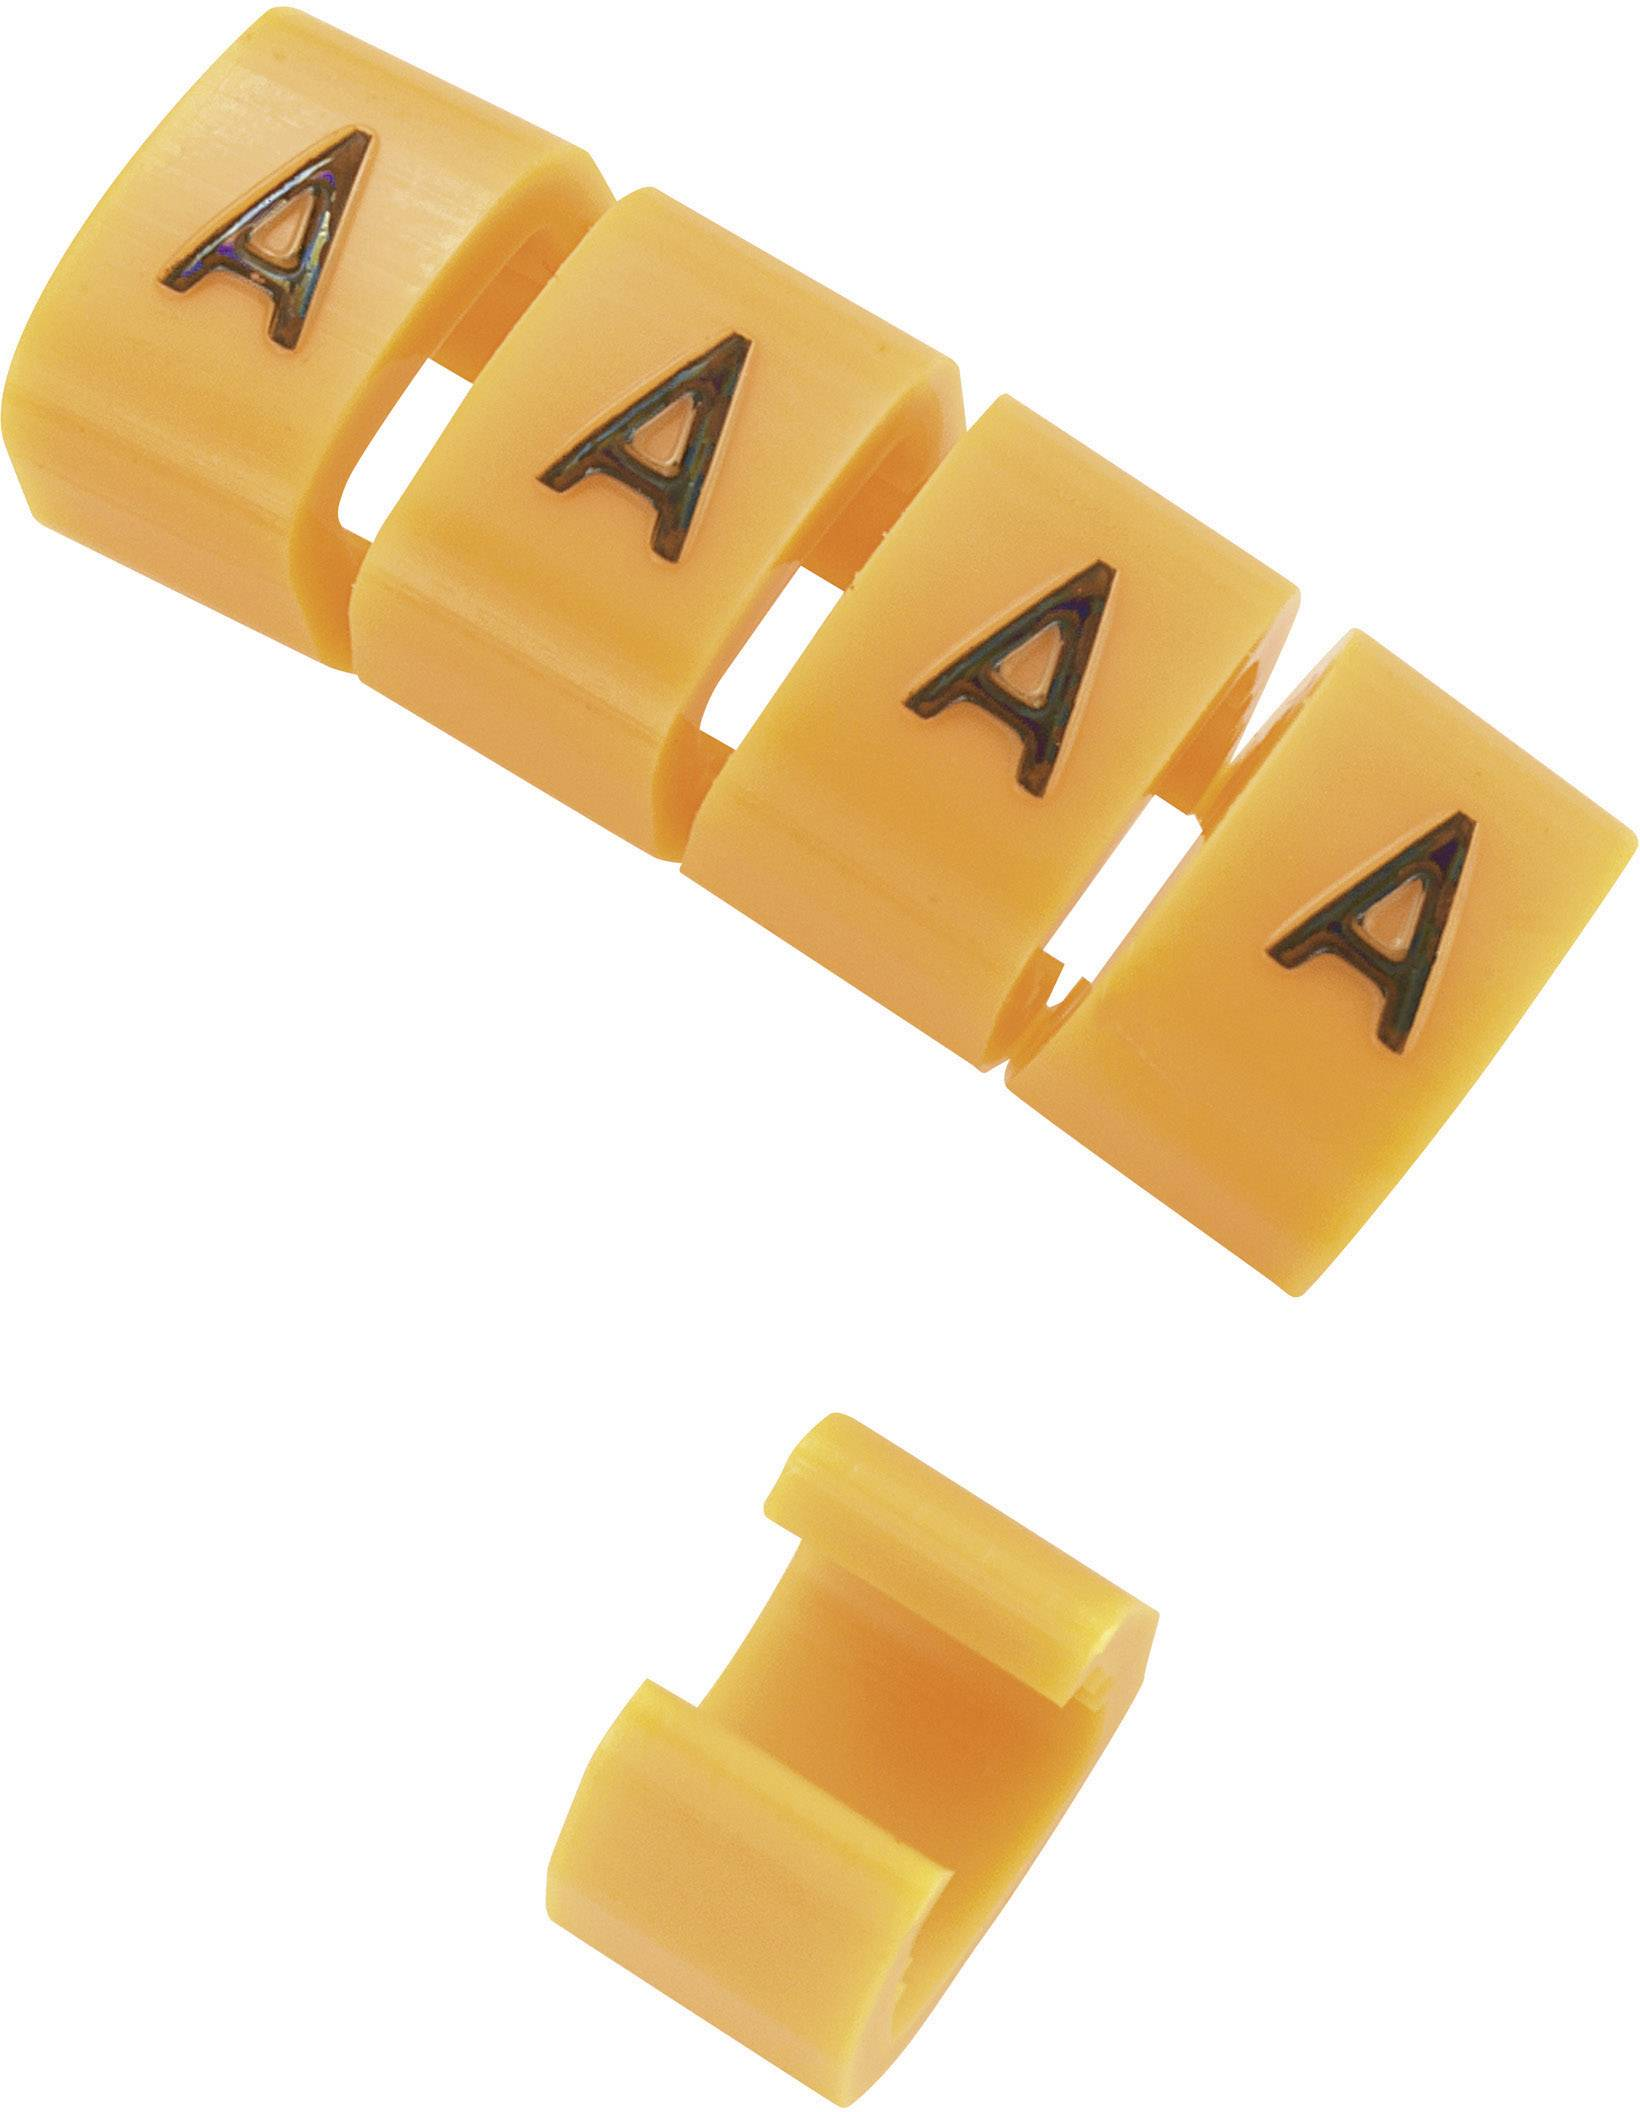 Označovacie objímka na káble KSS MB2/Z, oranžová, 10 ks